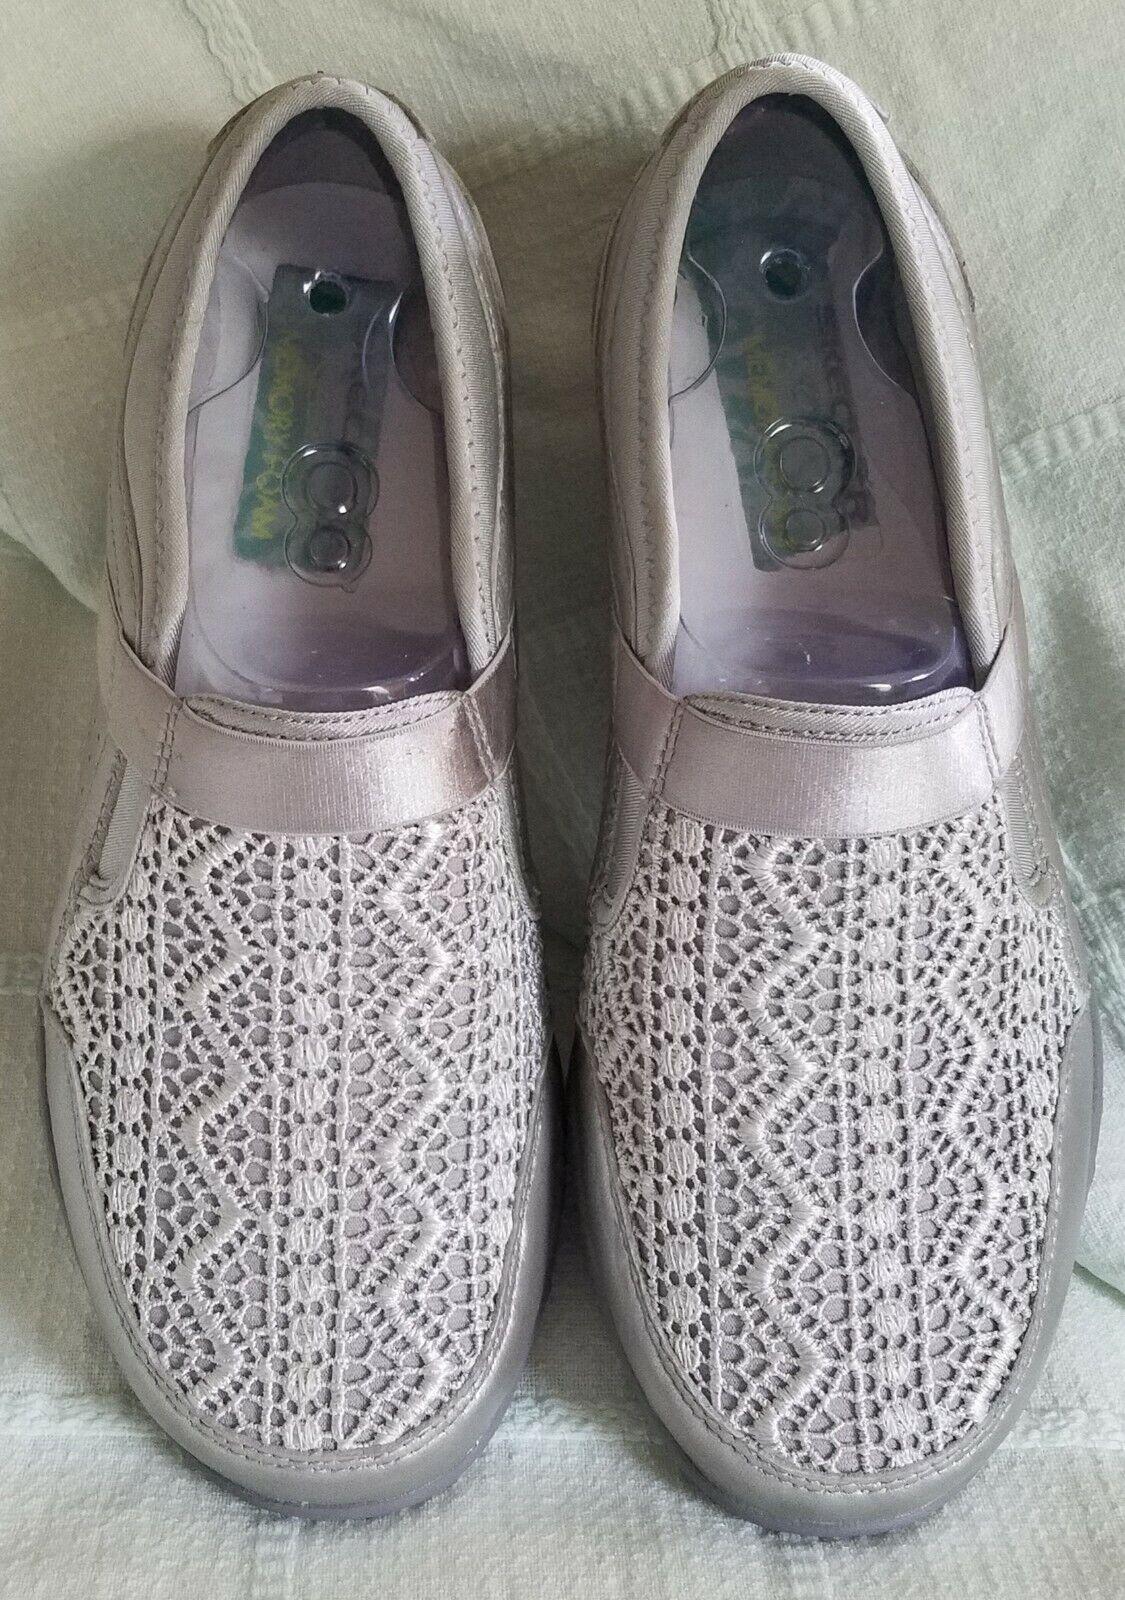 Skechers Women's Leather Shoe Size 8 Relaxed Fit Memory Foam Silver New